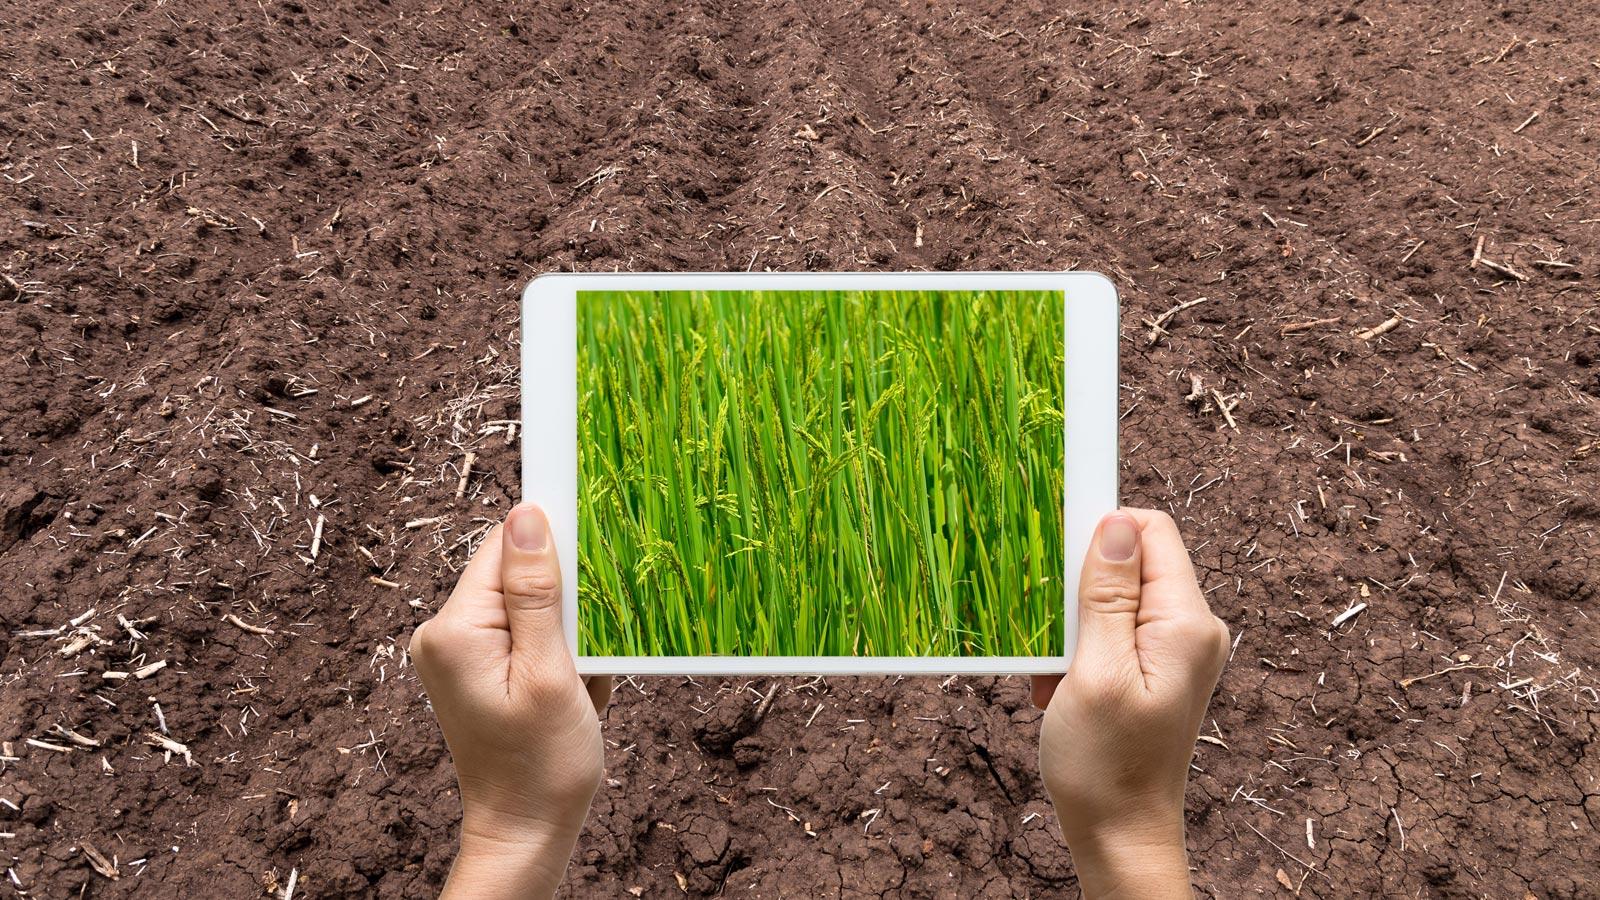 物流公司_六大技术趋势通往数字化农业